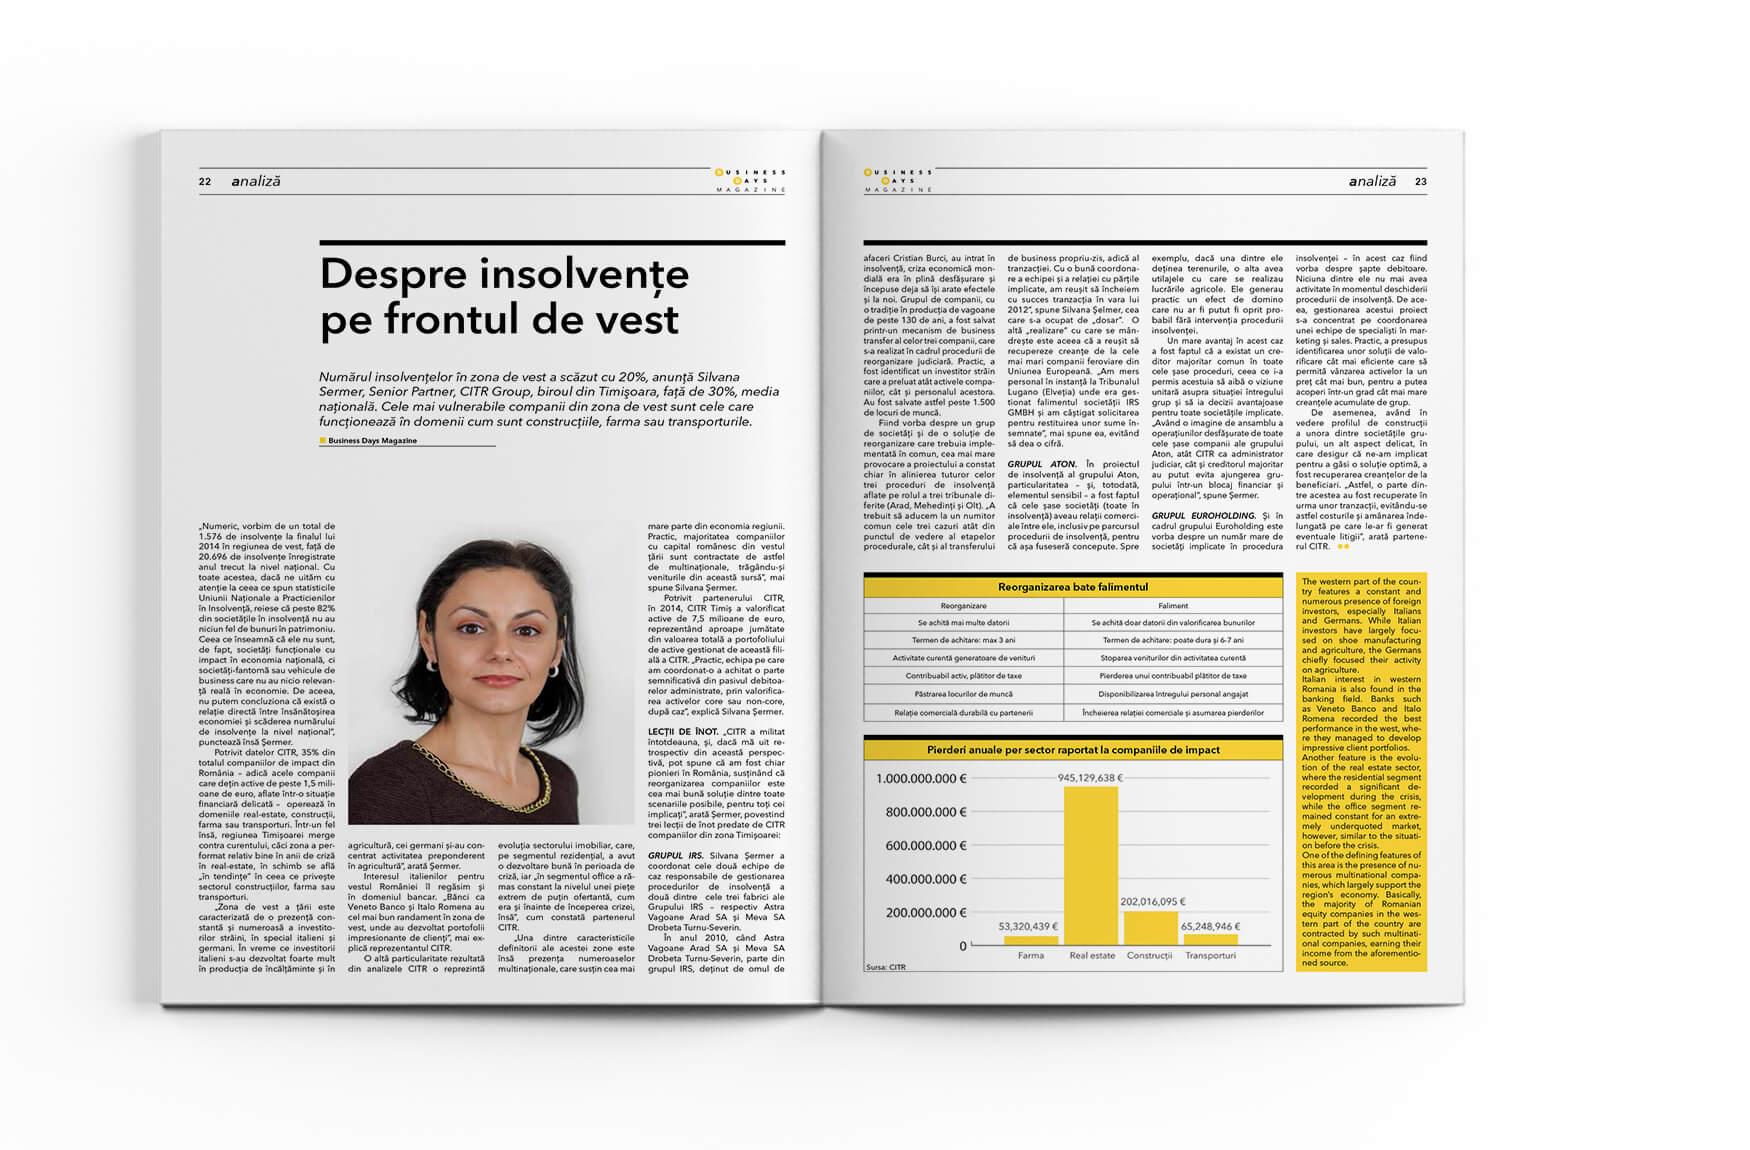 business-days-magazine_spread-12